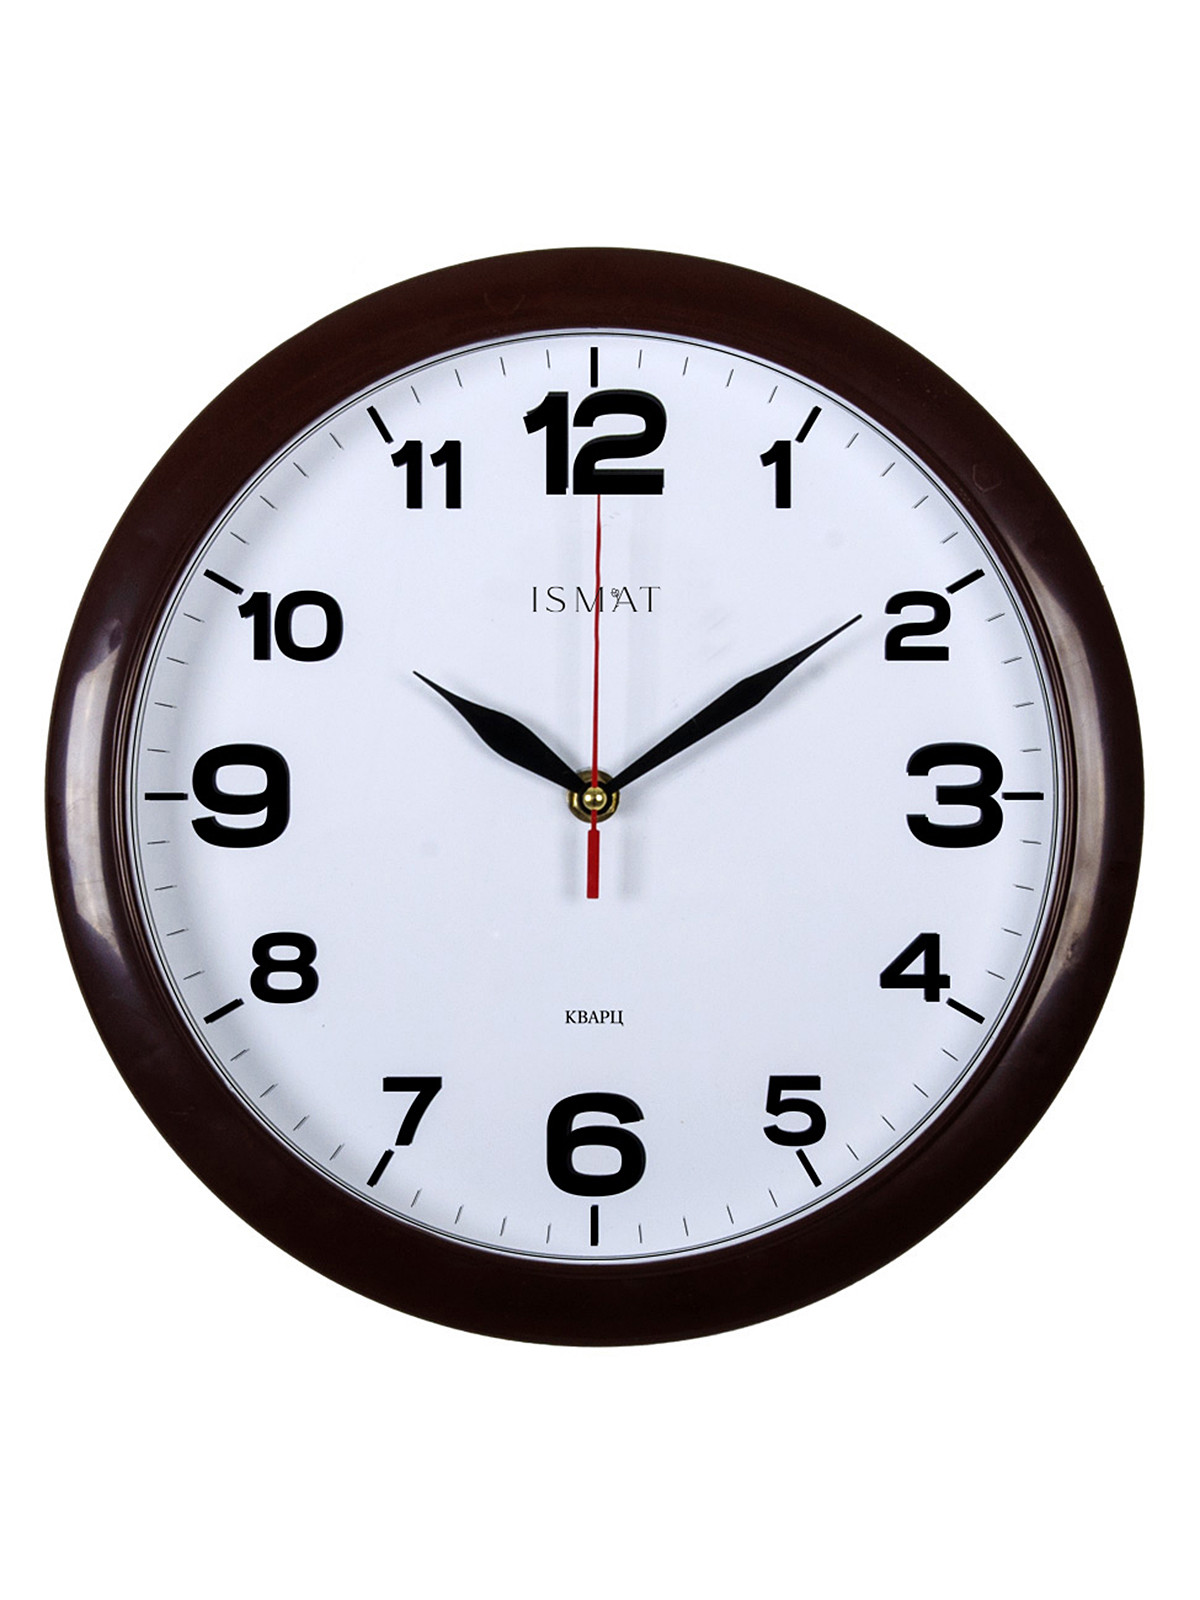 Часы настенные круг d=29см, корпус коричневый